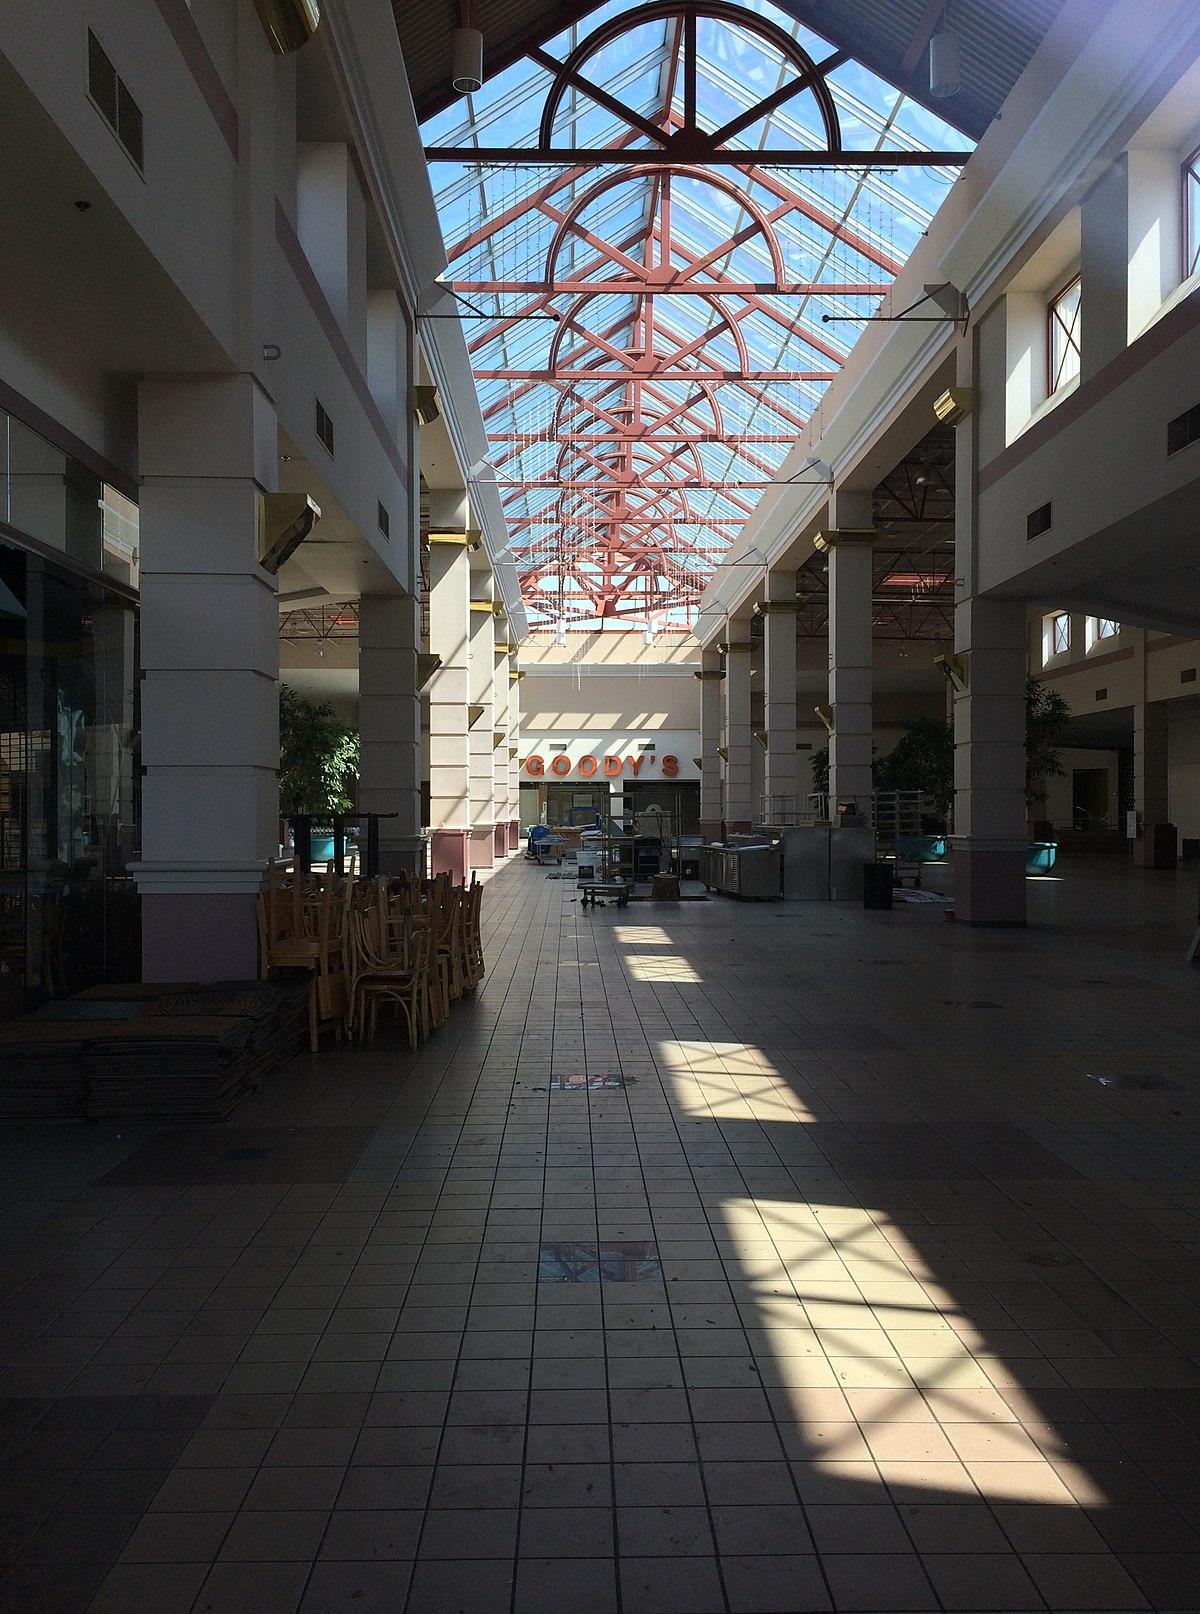 Mcfarland Mall Wikipedia